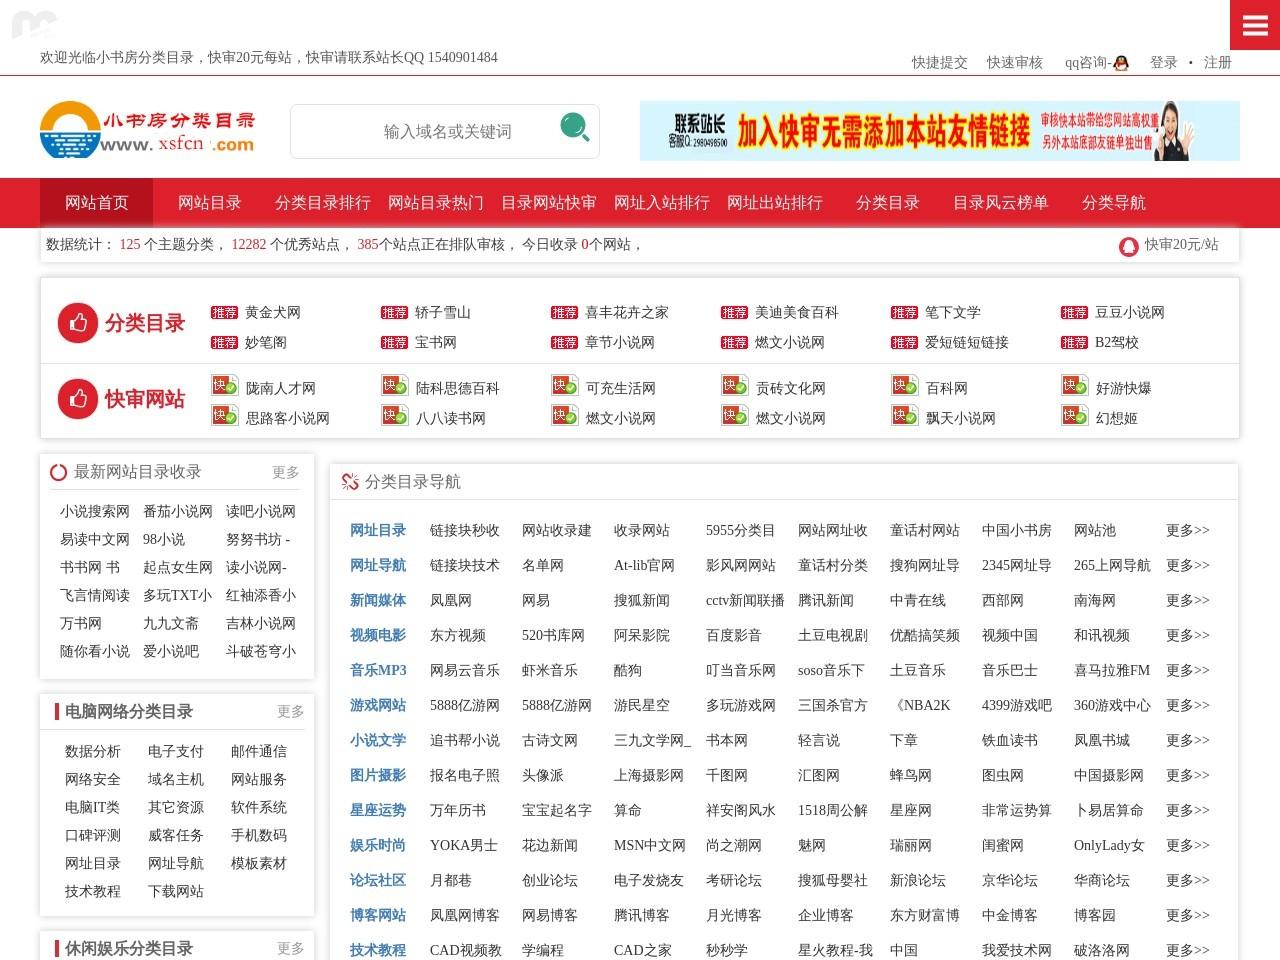 分类目录_网站分类目录_网站目录-中国小书房分类目录